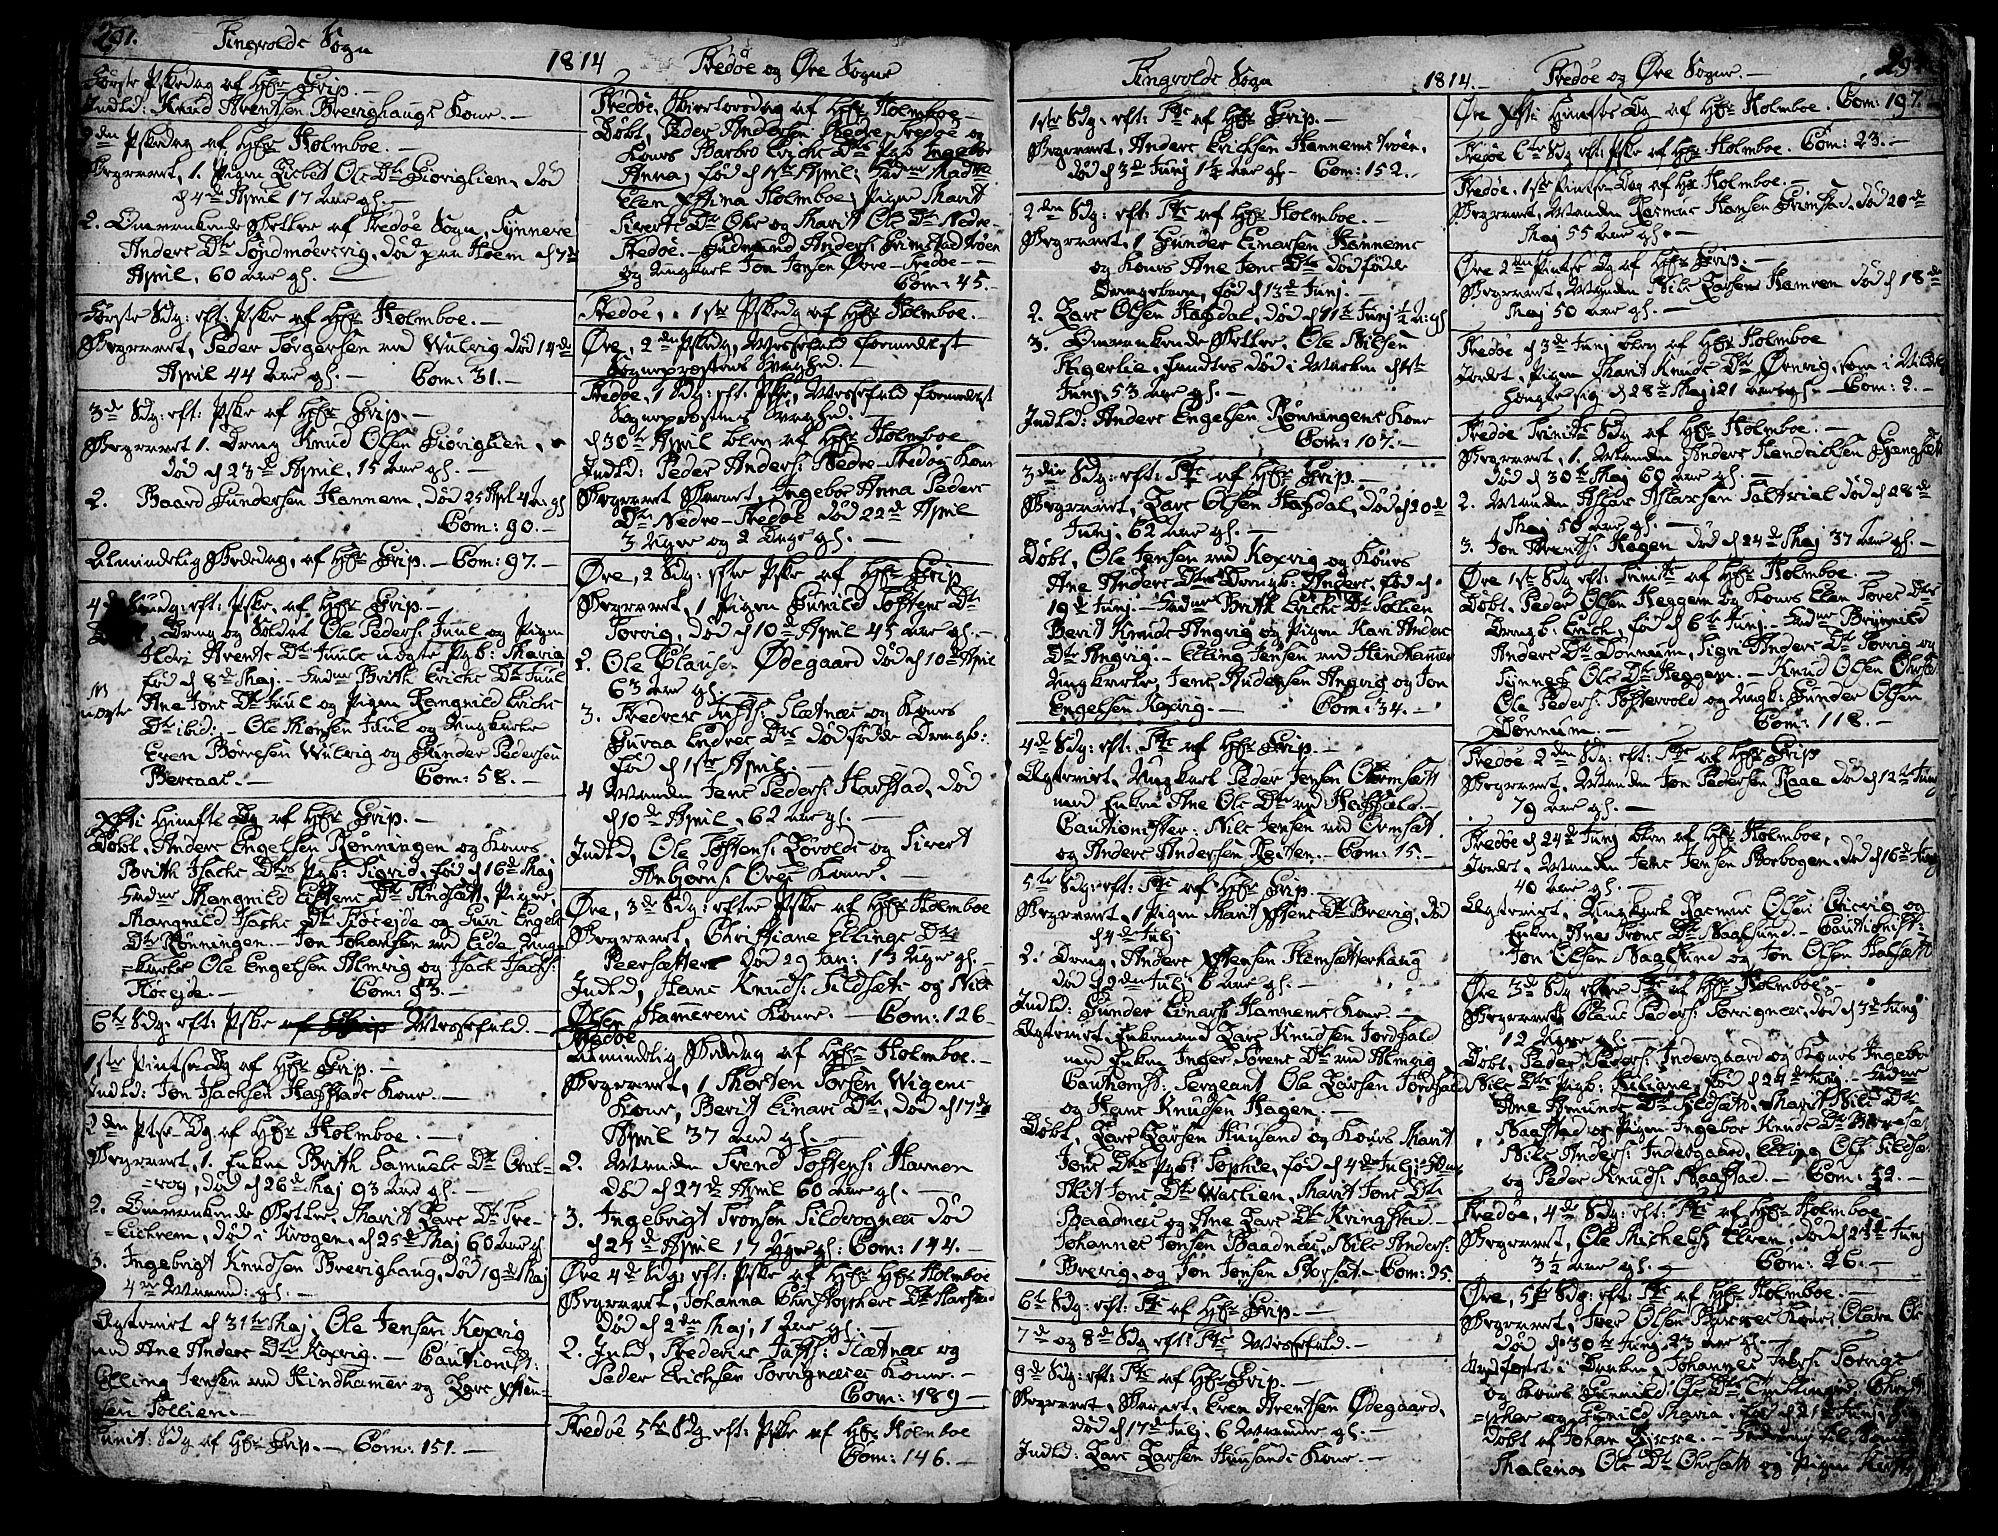 SAT, Ministerialprotokoller, klokkerbøker og fødselsregistre - Møre og Romsdal, 586/L0981: Ministerialbok nr. 586A07, 1794-1819, s. 291-292